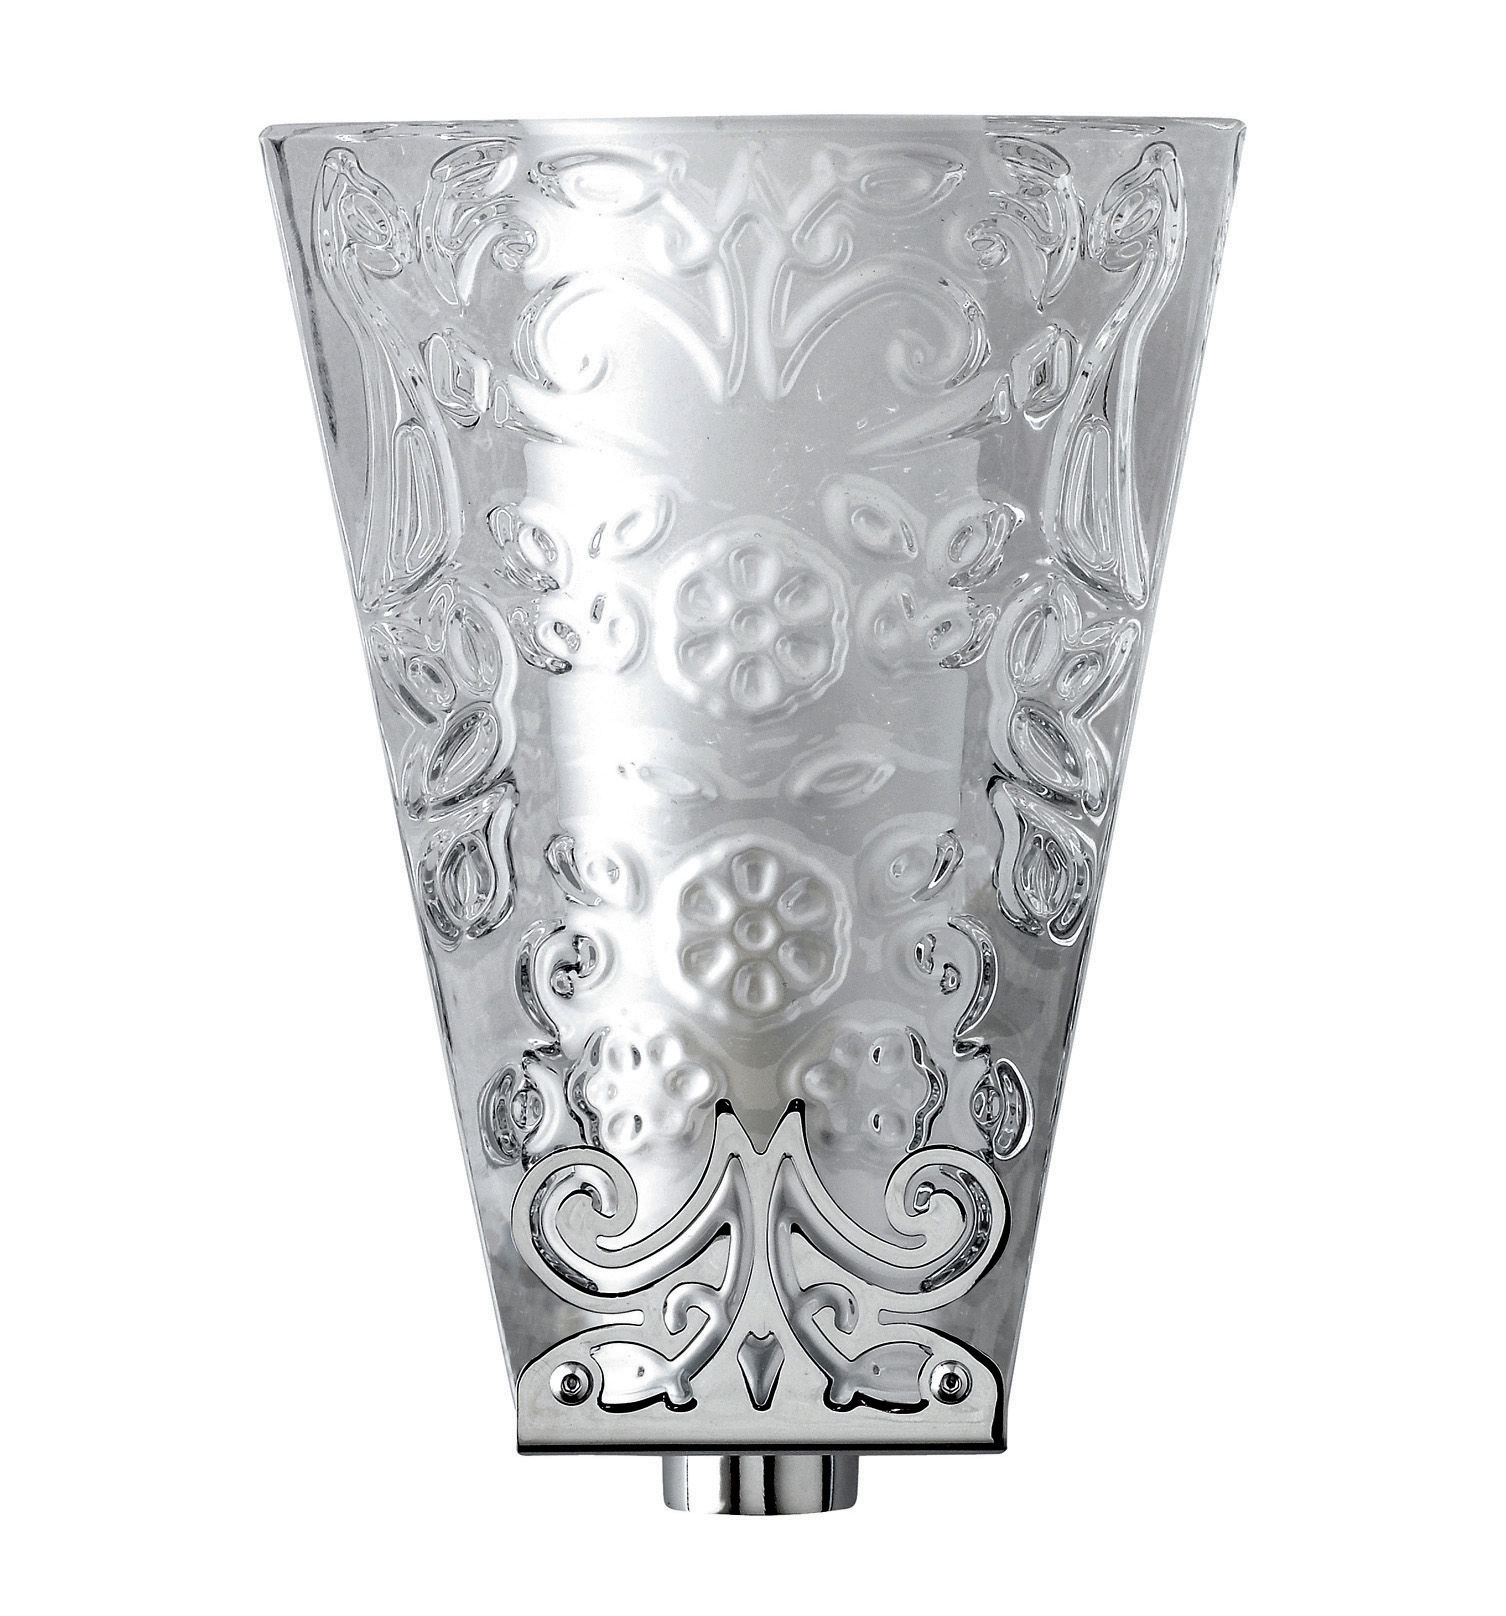 Illuminazione - Lampade da parete - Applique Vicky di Fabbian - Vetro trasparente /decori in rilievo - Metallo cromato, Vetro